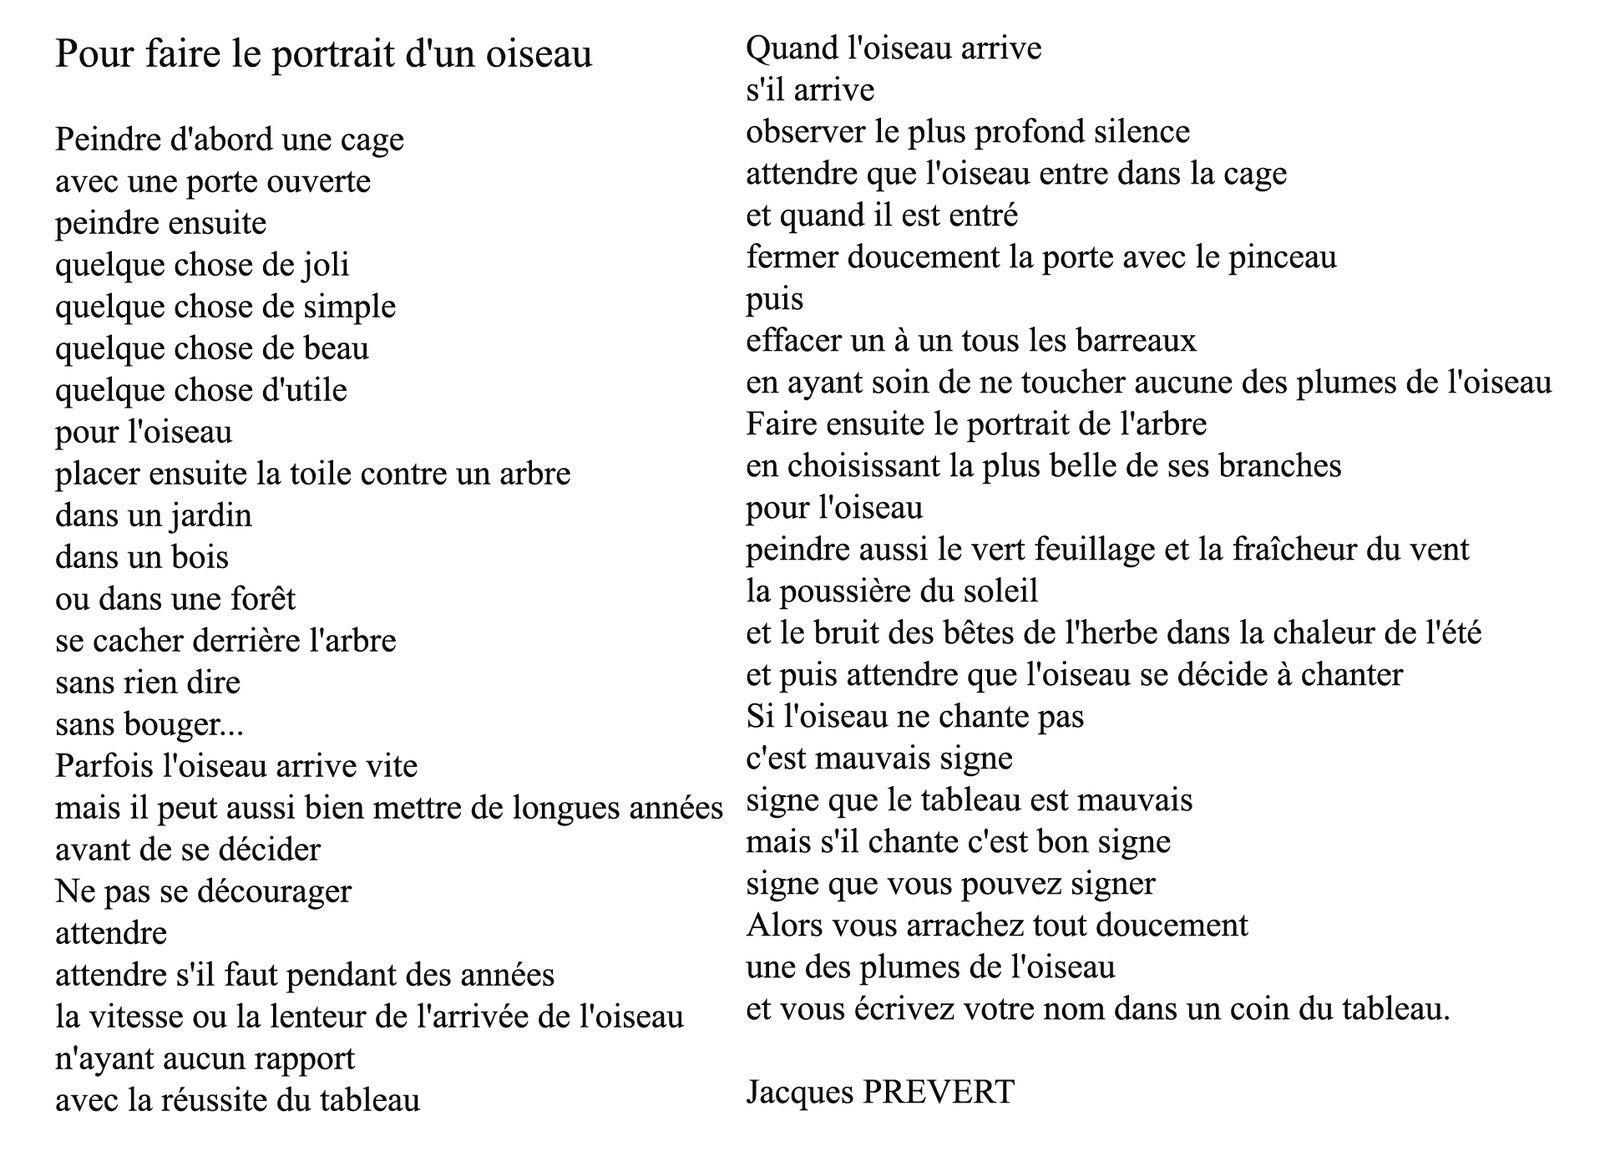 Défi 170 : Prévert À La Mode Des Croqueurs De Mots - Quai intérieur Poeme De Jacque Prevert